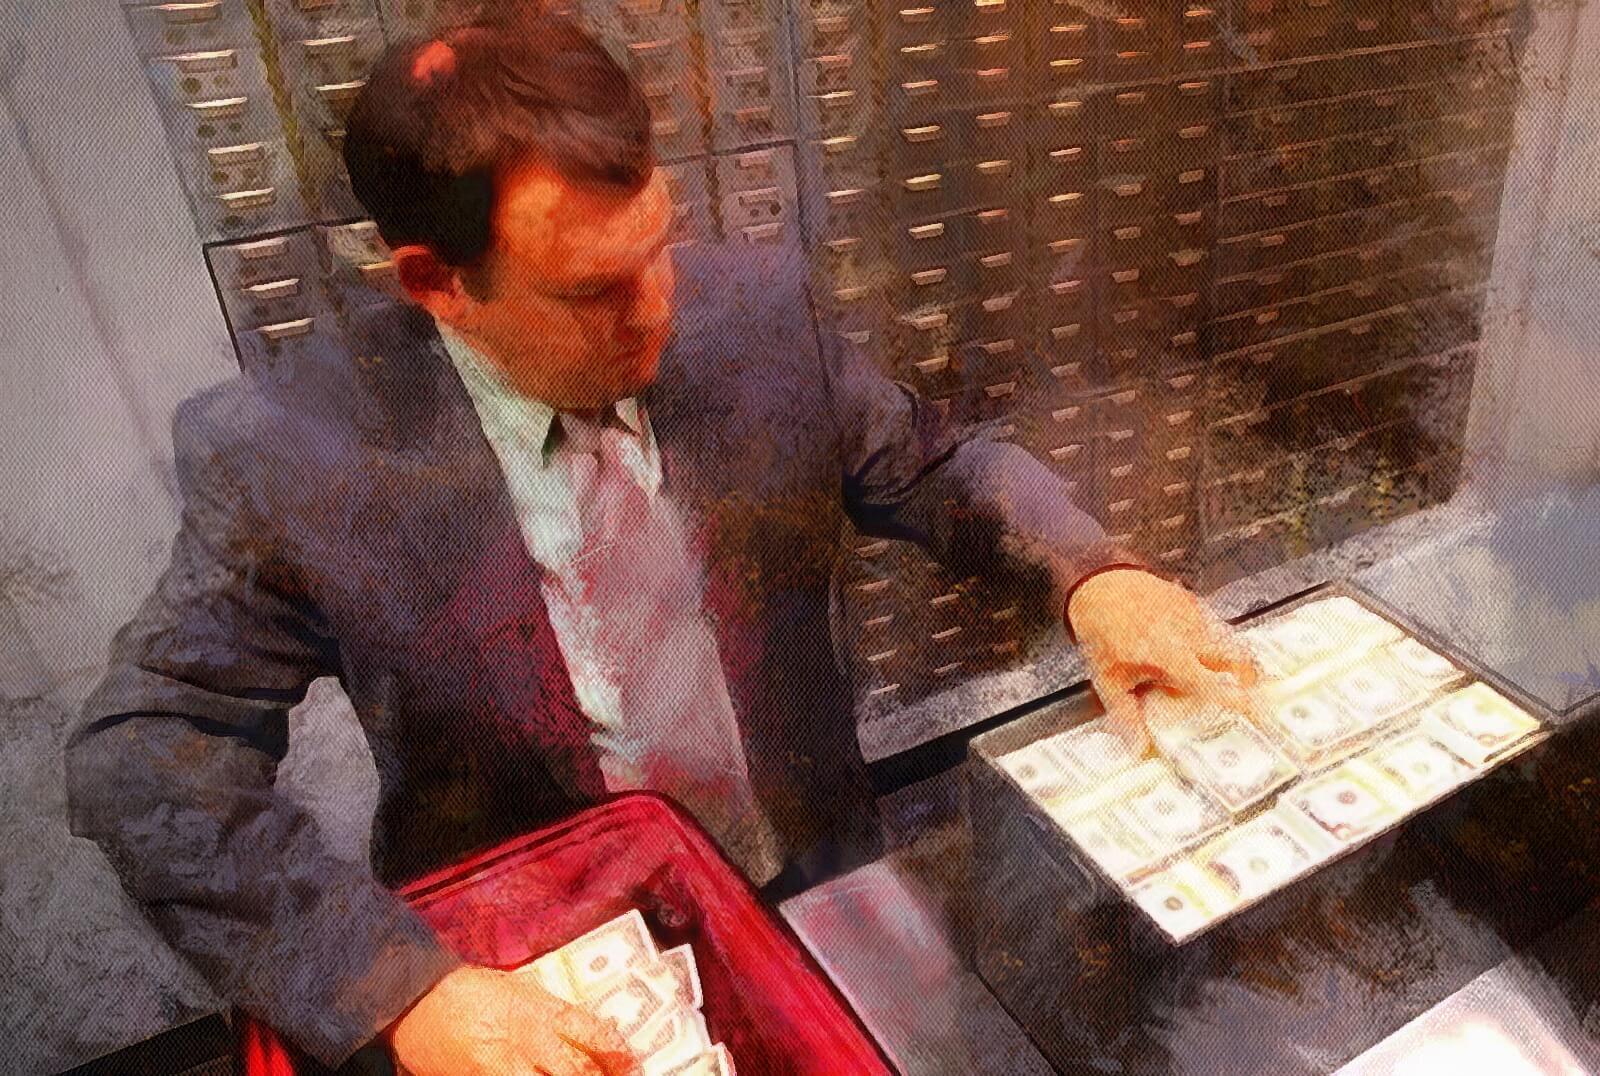 Как осуществляется продажа квартиры через банковскую ячейку: составление договора аренды ячейки у сбербанка. Каковы риски покупателя и продавца, где взять каждый из документов?